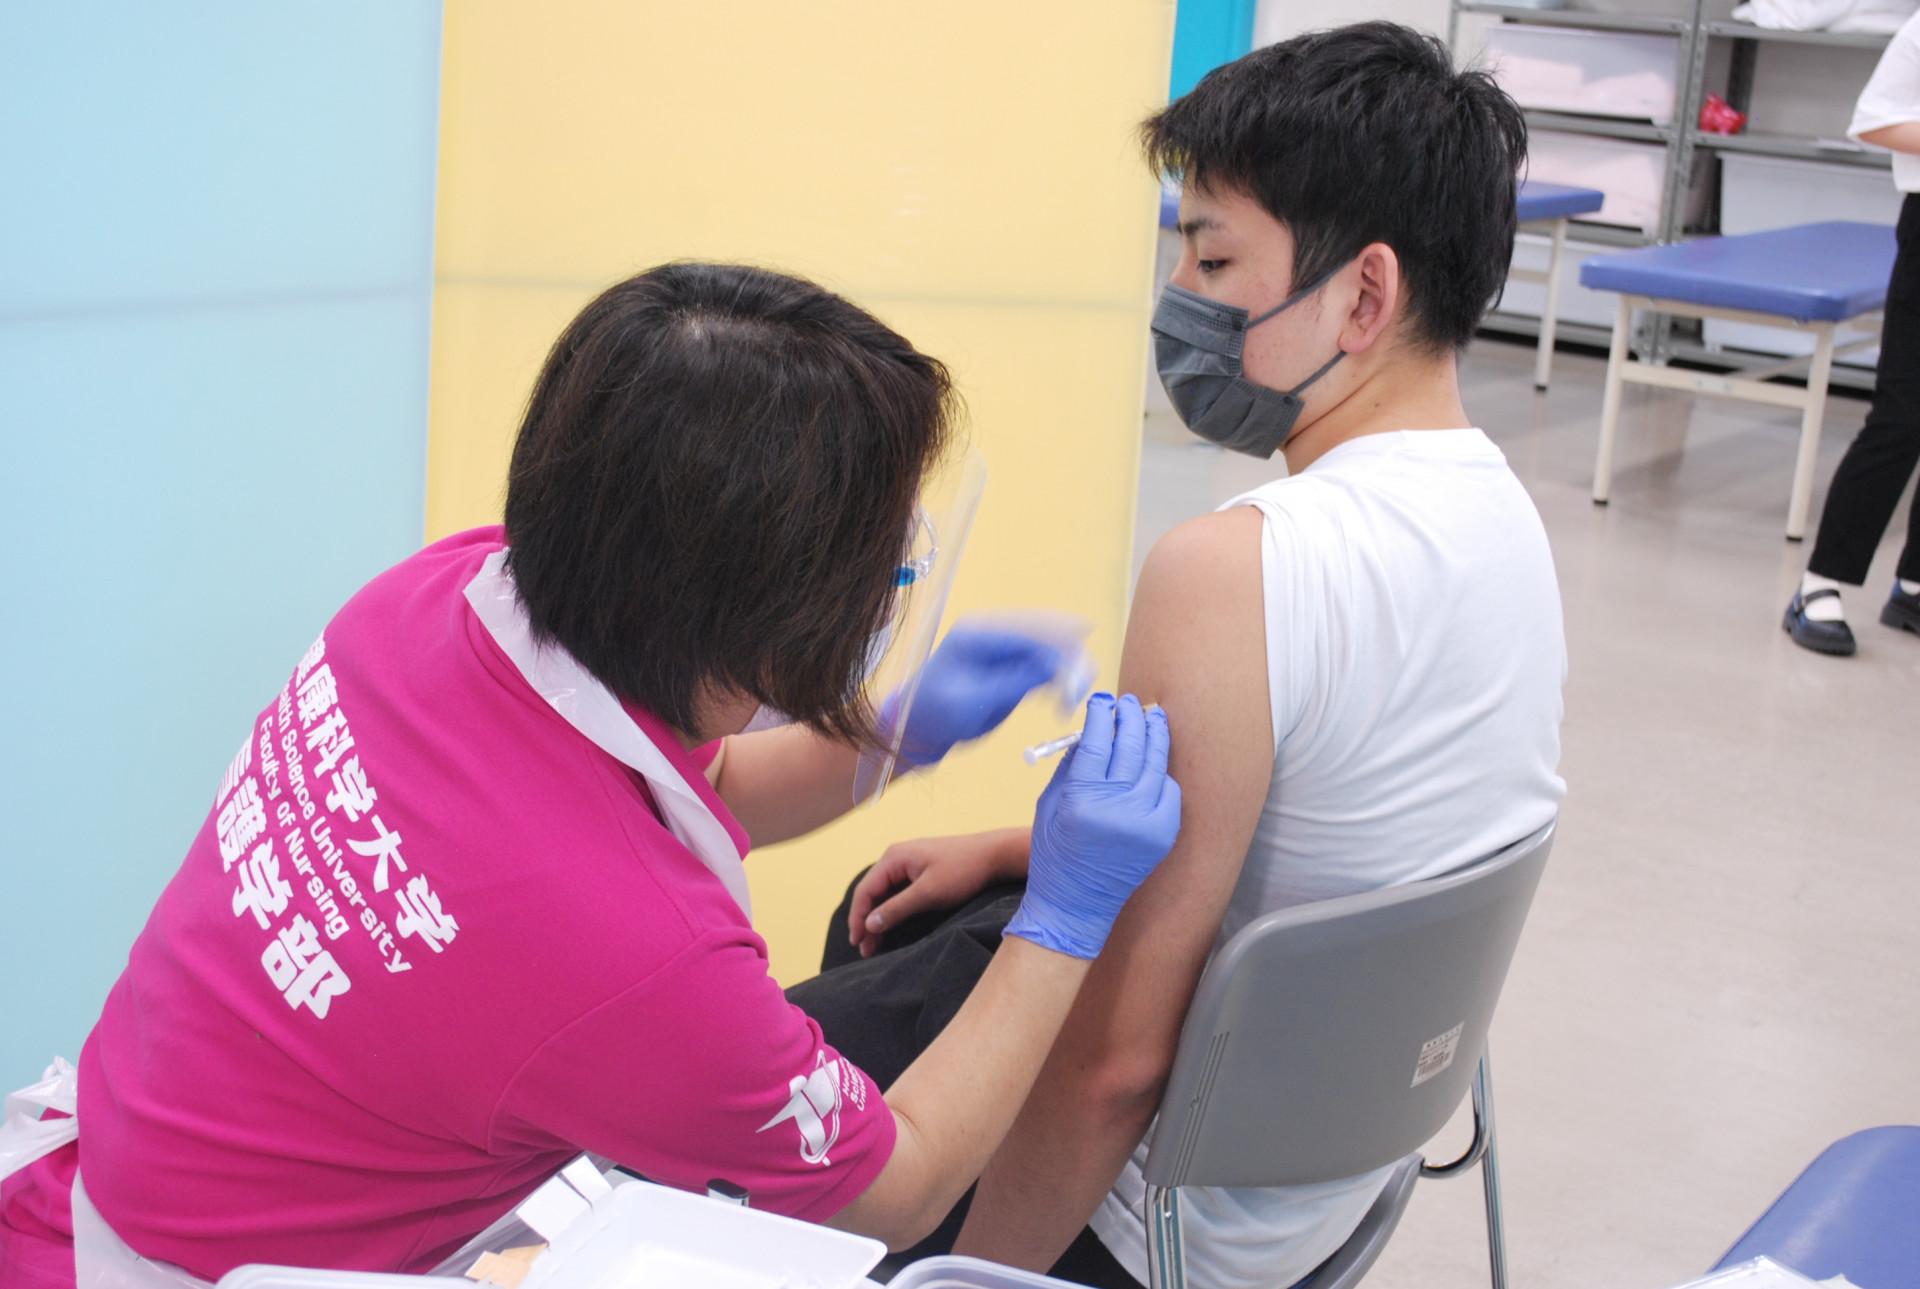 大学拠点接種(新型コロナウイルスワクチン職域接種)第2回目を実施しました サムネイル